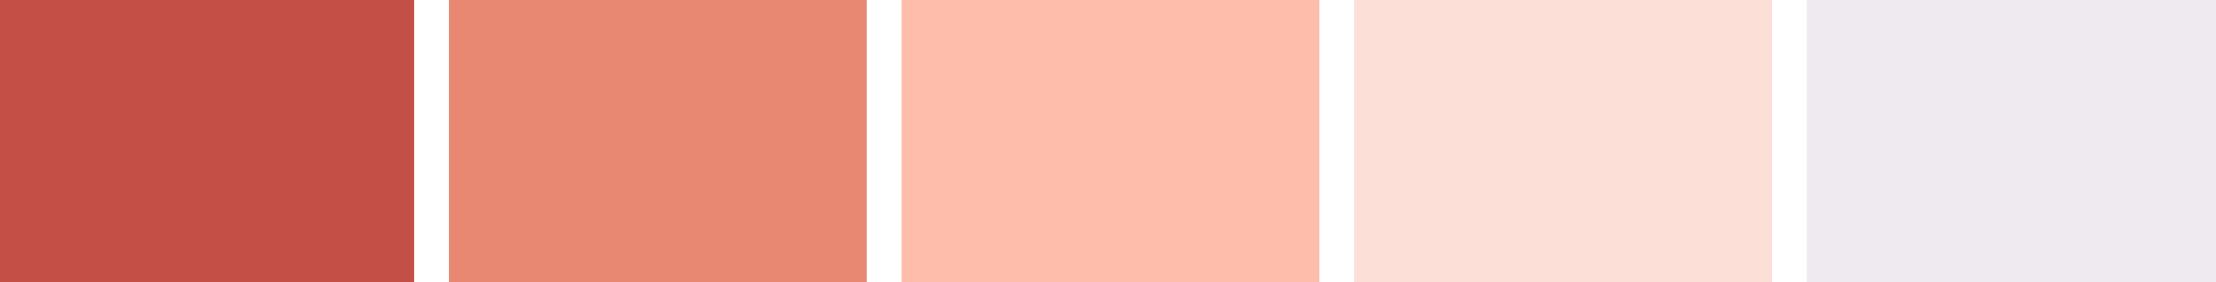 Pamela color palette.png